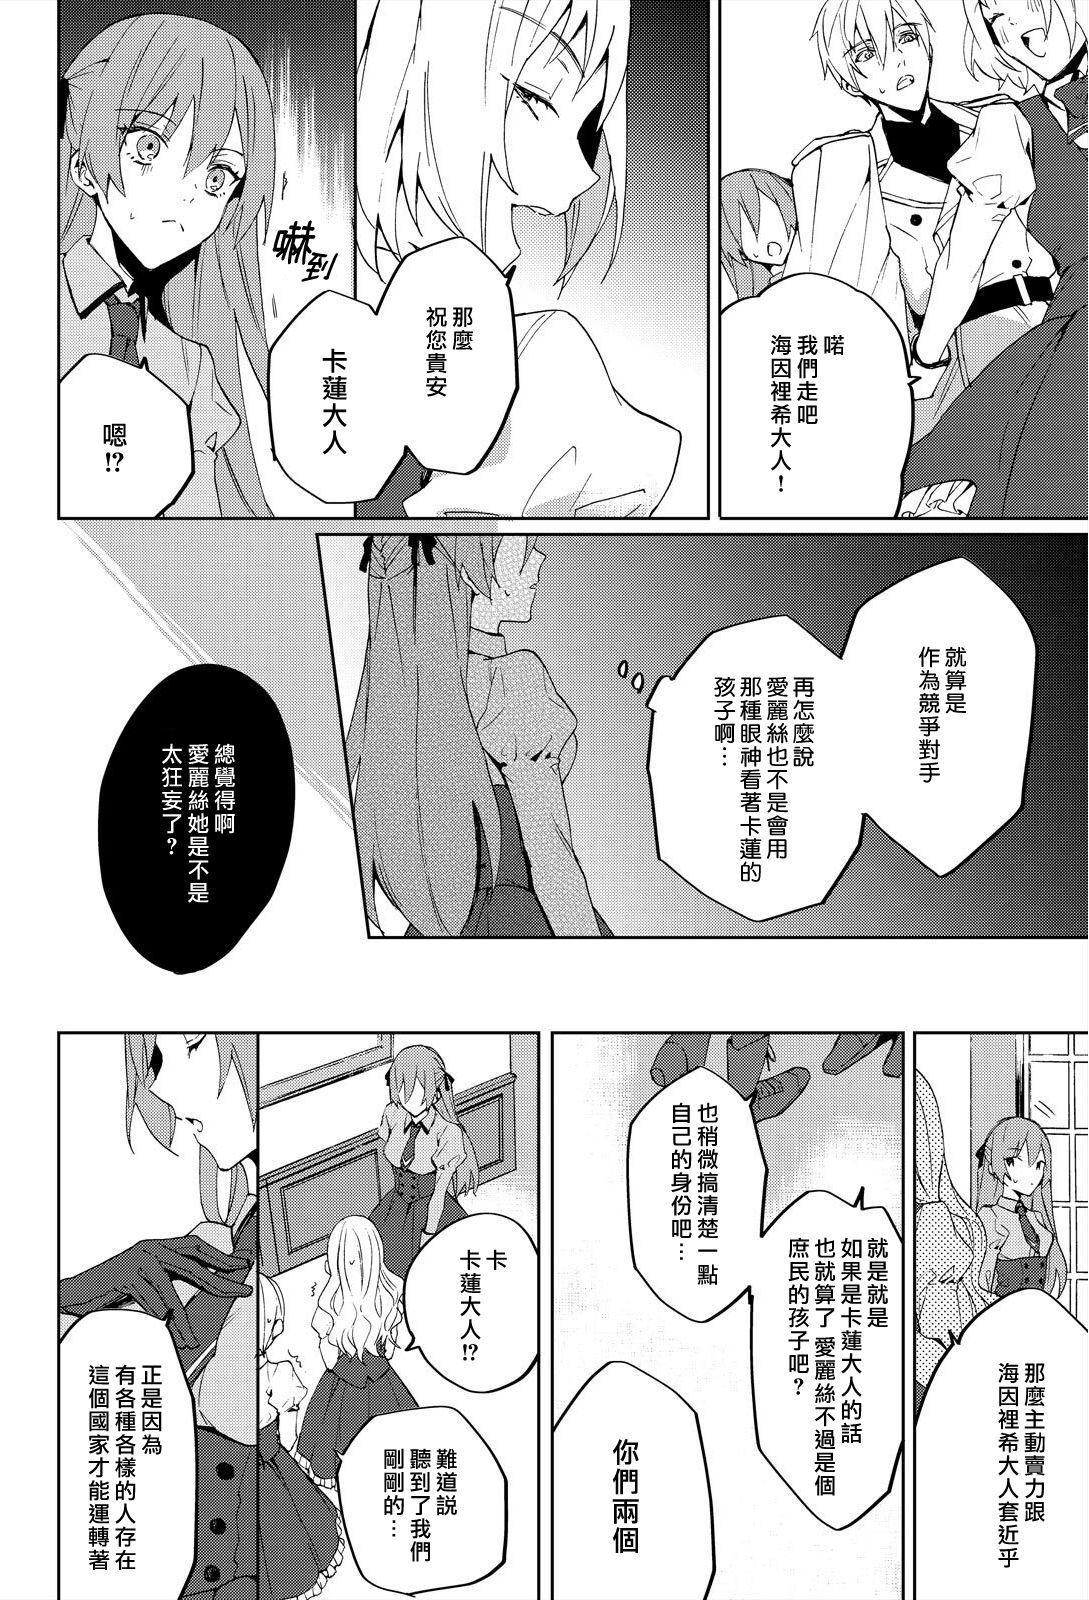 [Yuzushiwo] Akuyaku Reijou wa Ichizu ni Dekiai sarete ~Noumitsu Sex no Aite wa Juuboku~ | 被疯狂溺爱的反派大小姐~浓密性爱对象是仆从~ 1-5 [Chinese] [莉赛特汉化组] 21